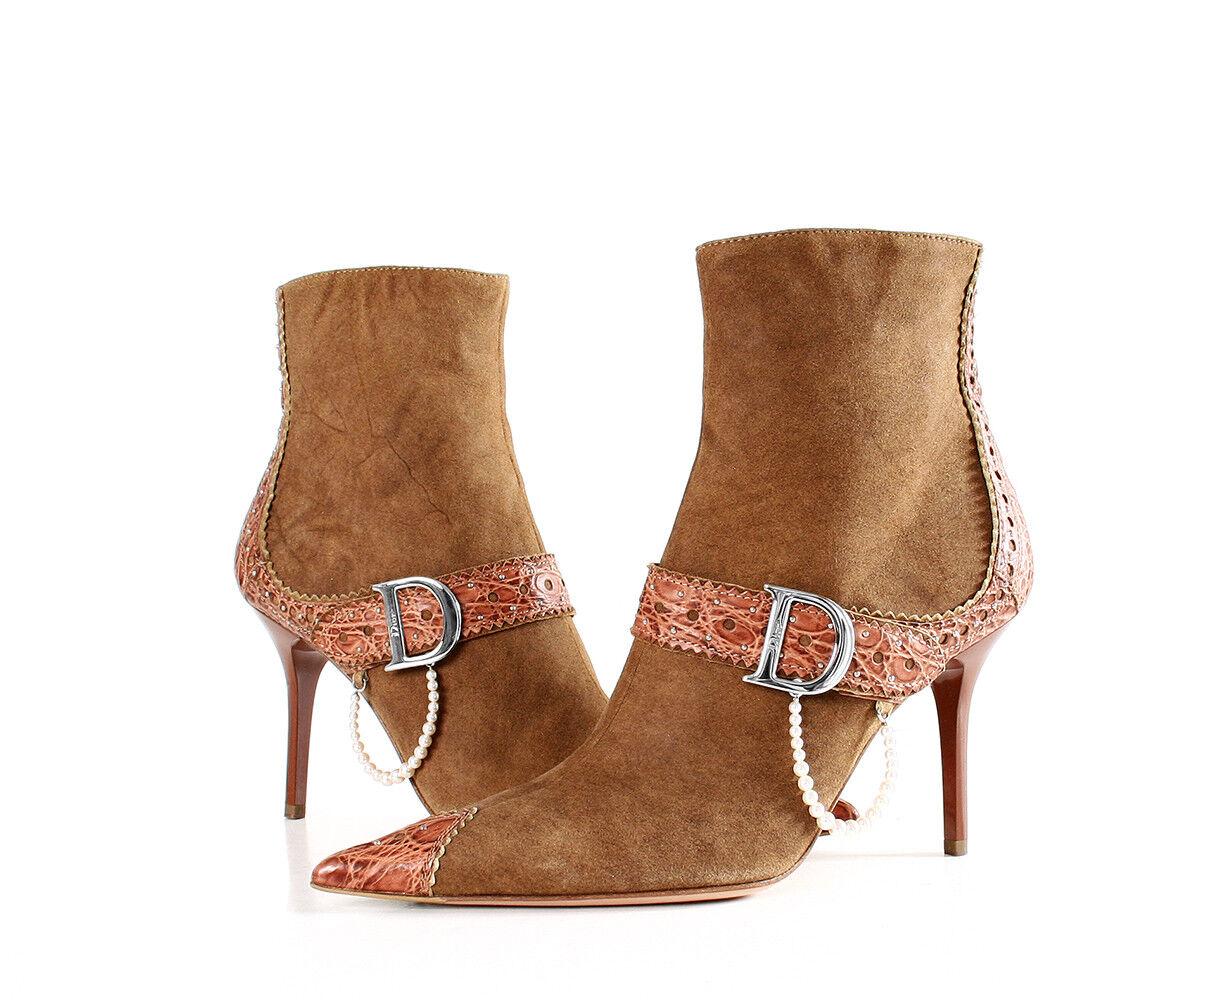 DIOR bottes chaussures Crocodile D Tour De Taille 8.5 Retail  1,455.00